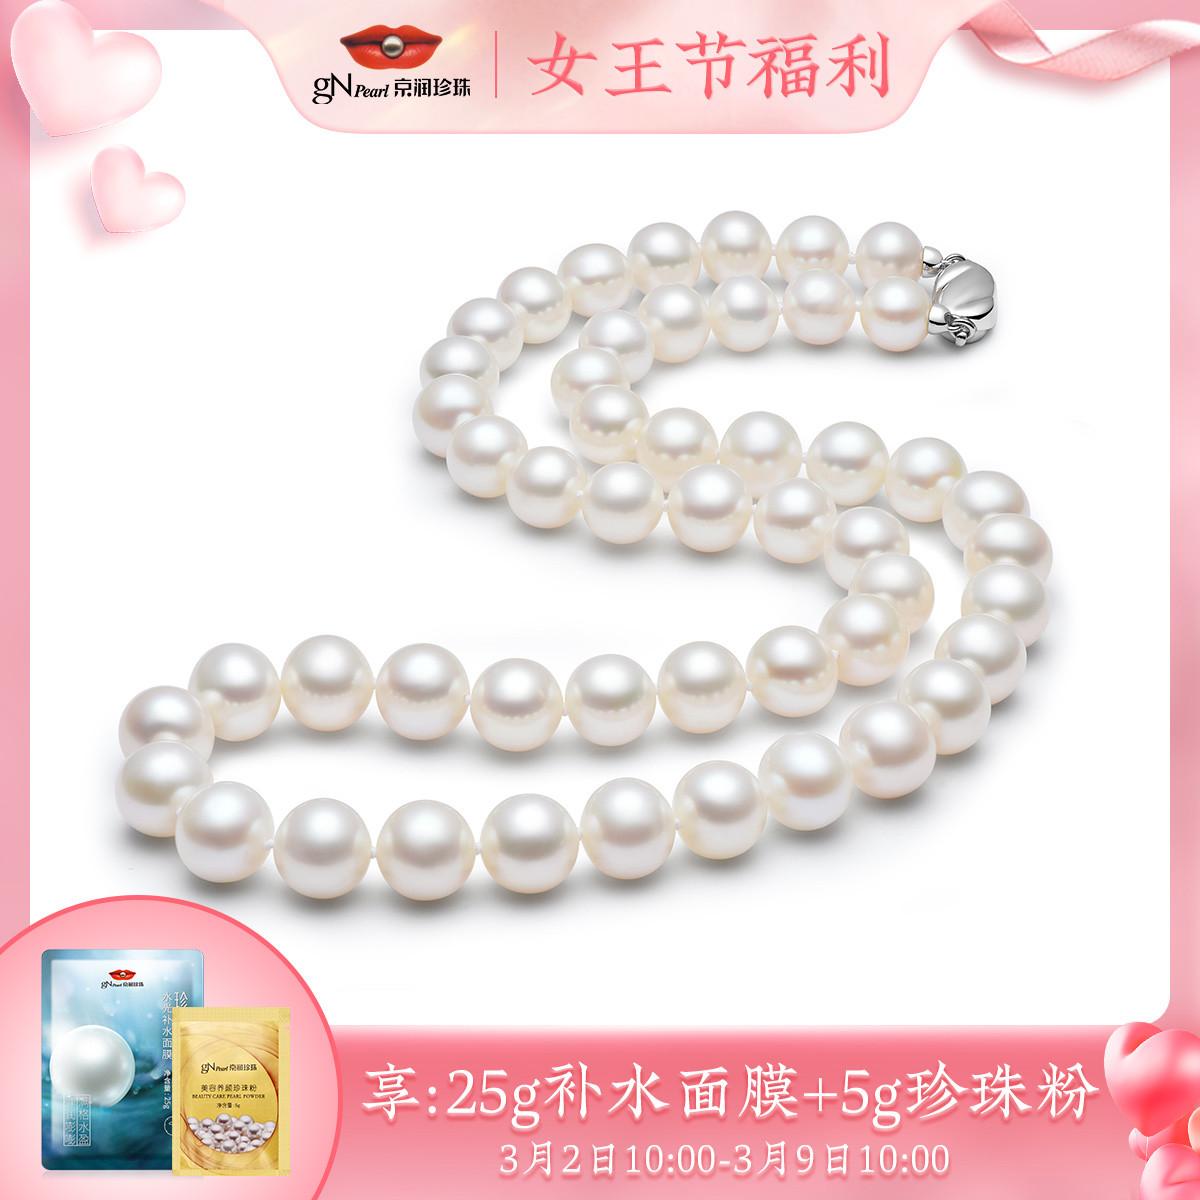 【女王节礼物】致美圆形强光细微瑕镶淡水珍珠项链